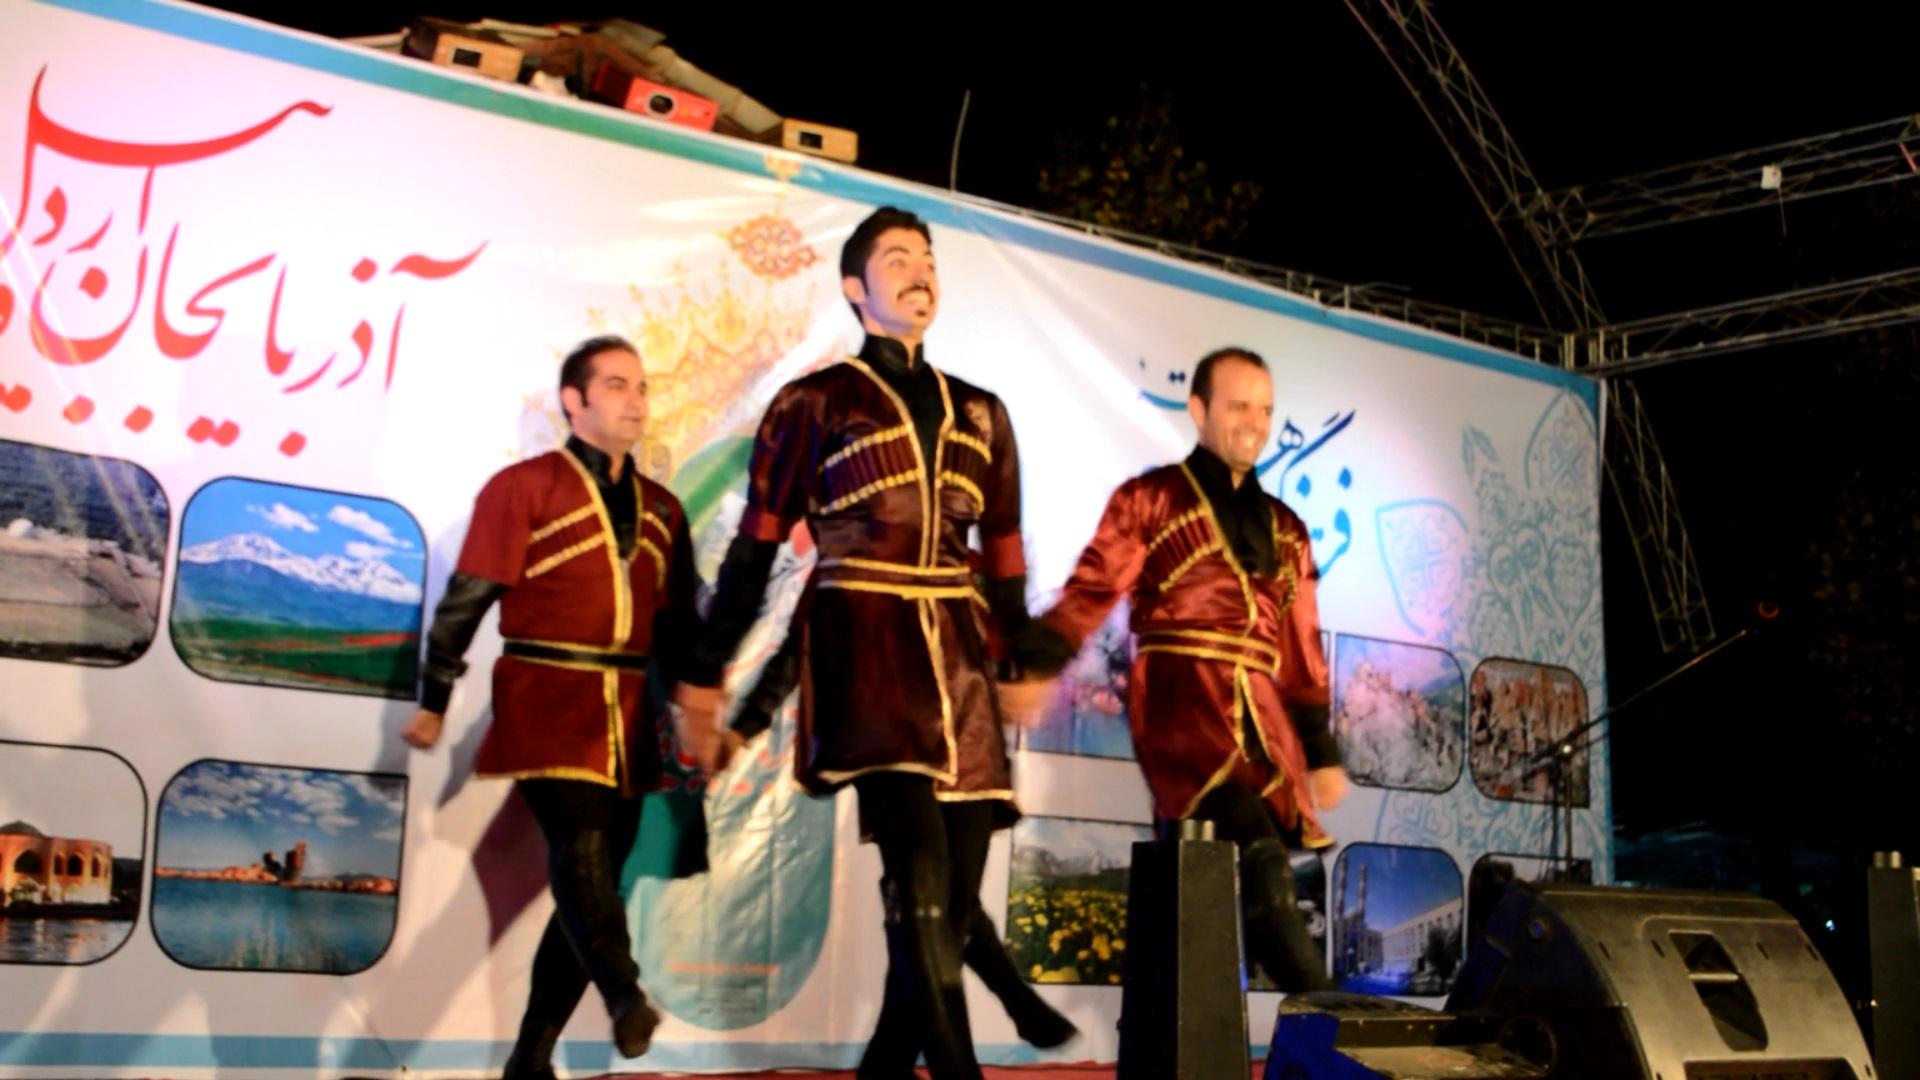 هفته فرهنگی آذربایجان در پارک قائم تهران – 18 شهریور 94